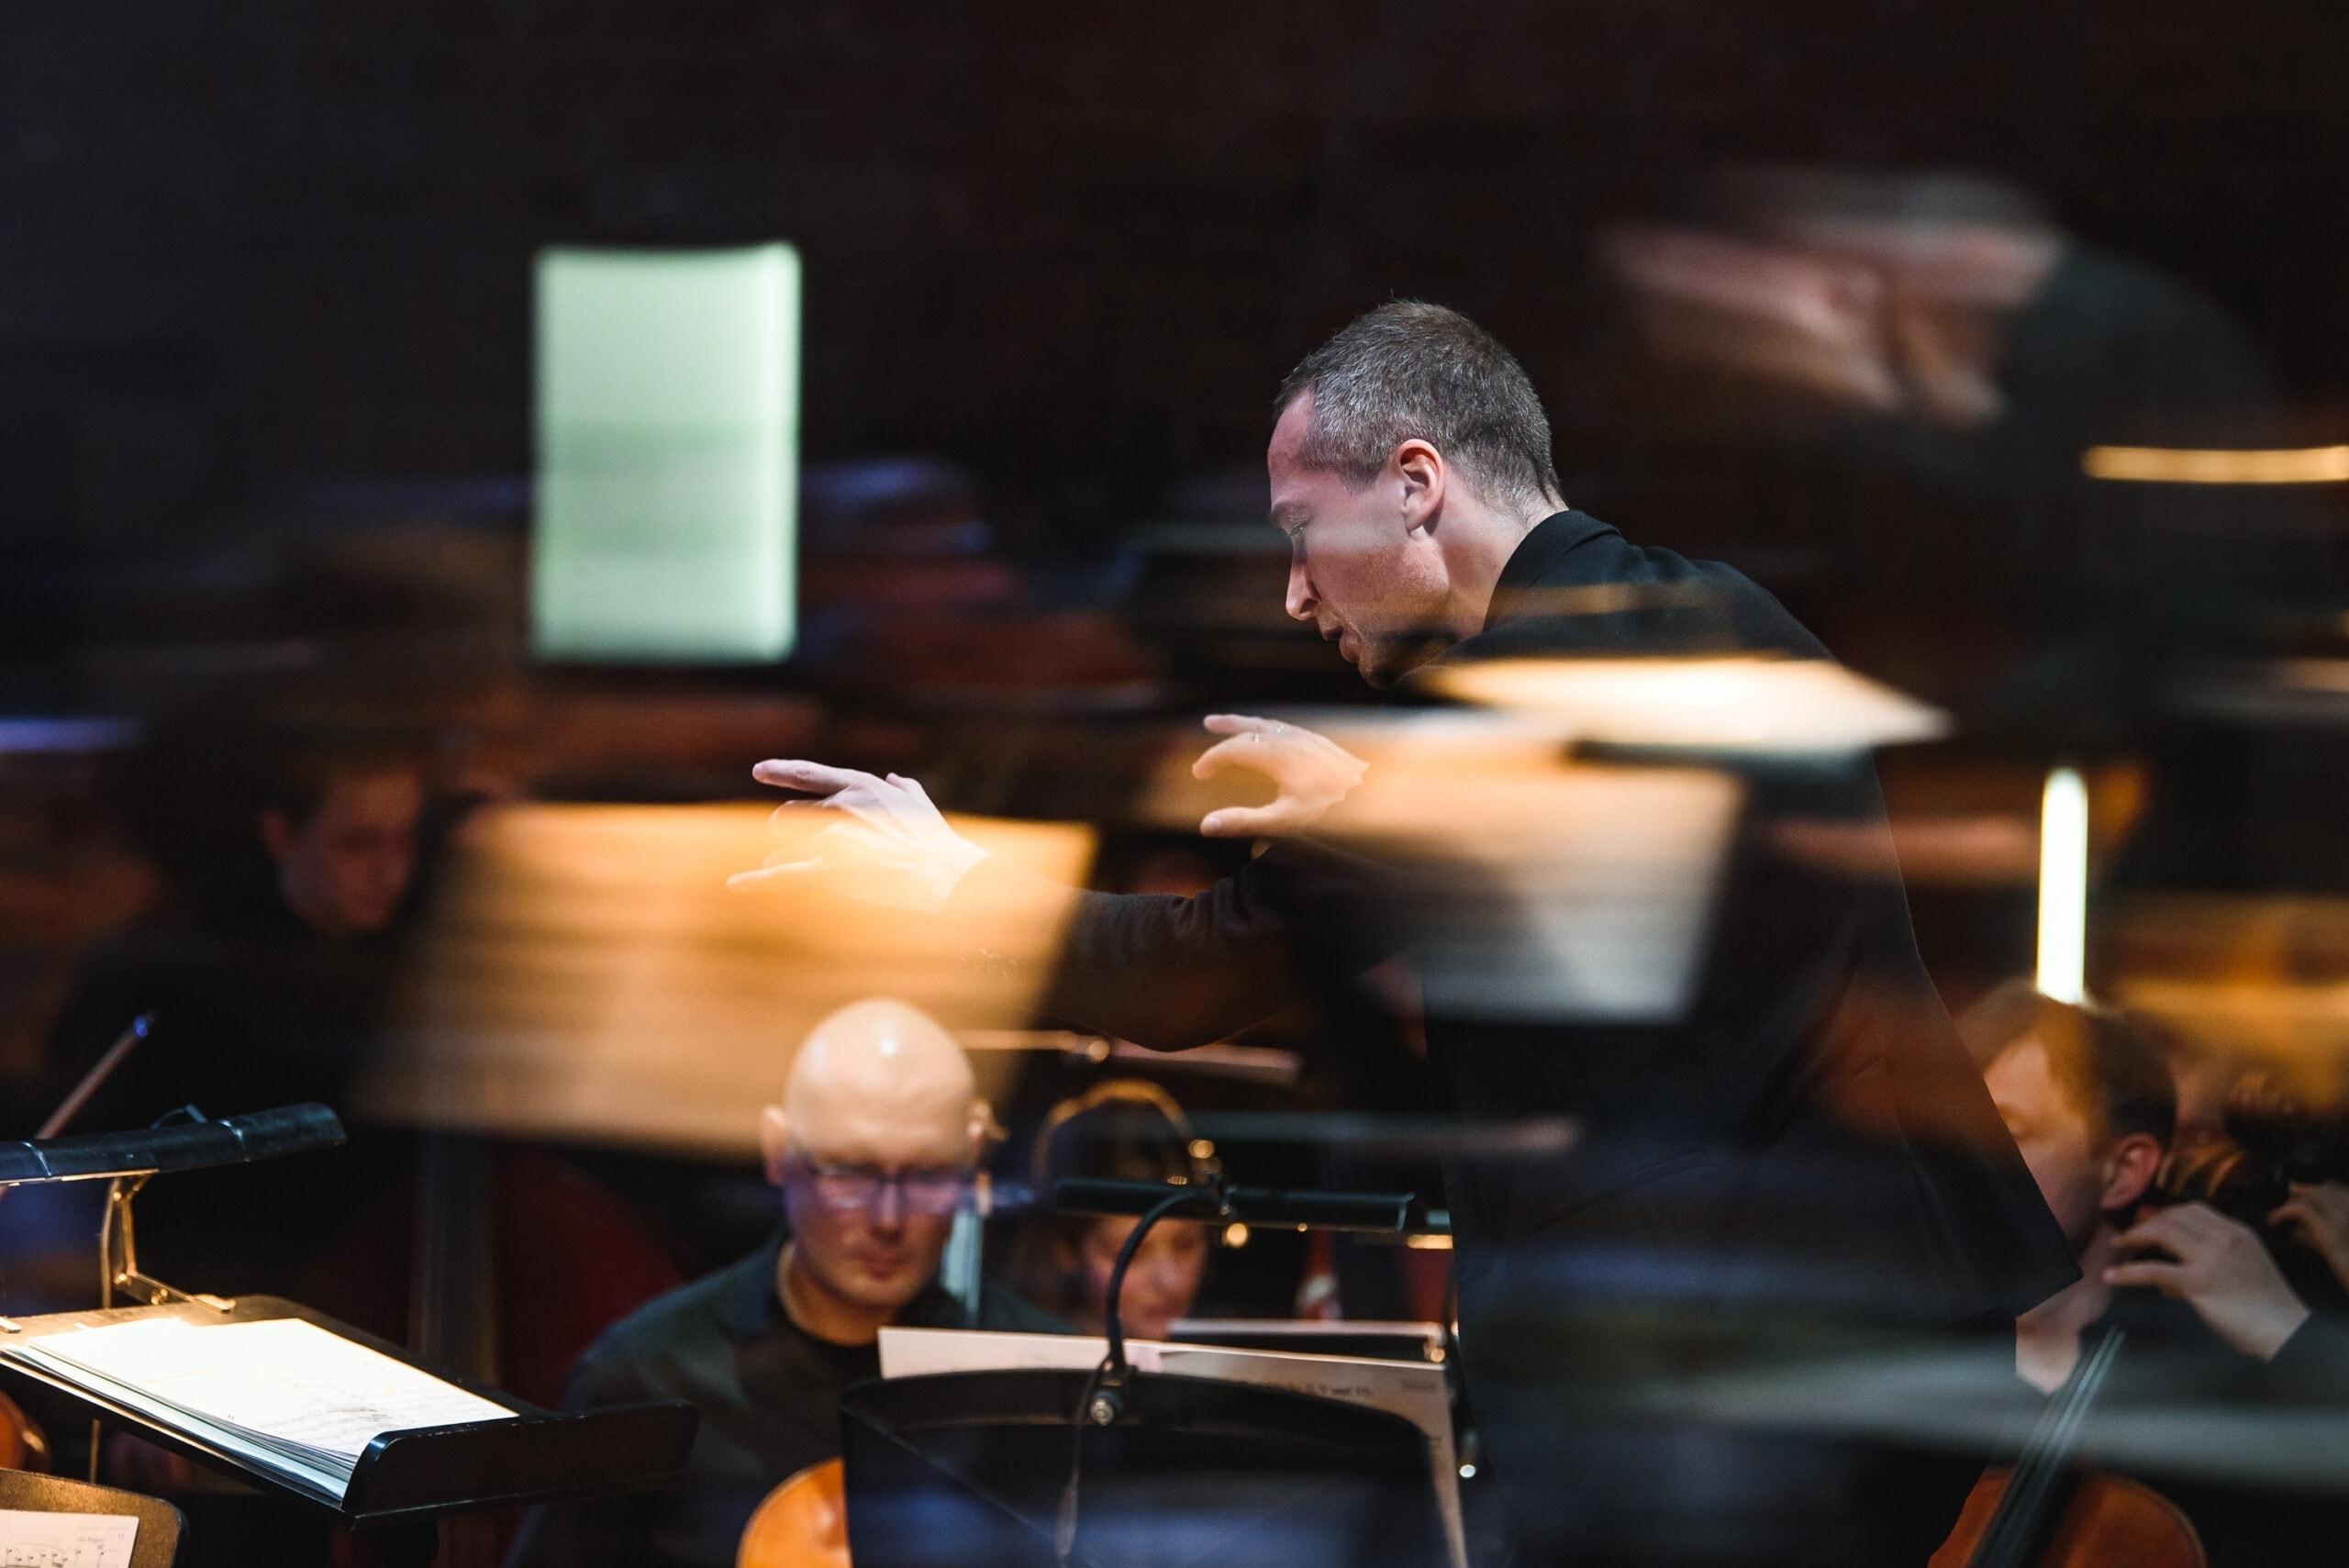 Камерный оркестр Пермской оперы, дирижер Артем Абашев. Фото - Андрей Чунтомов